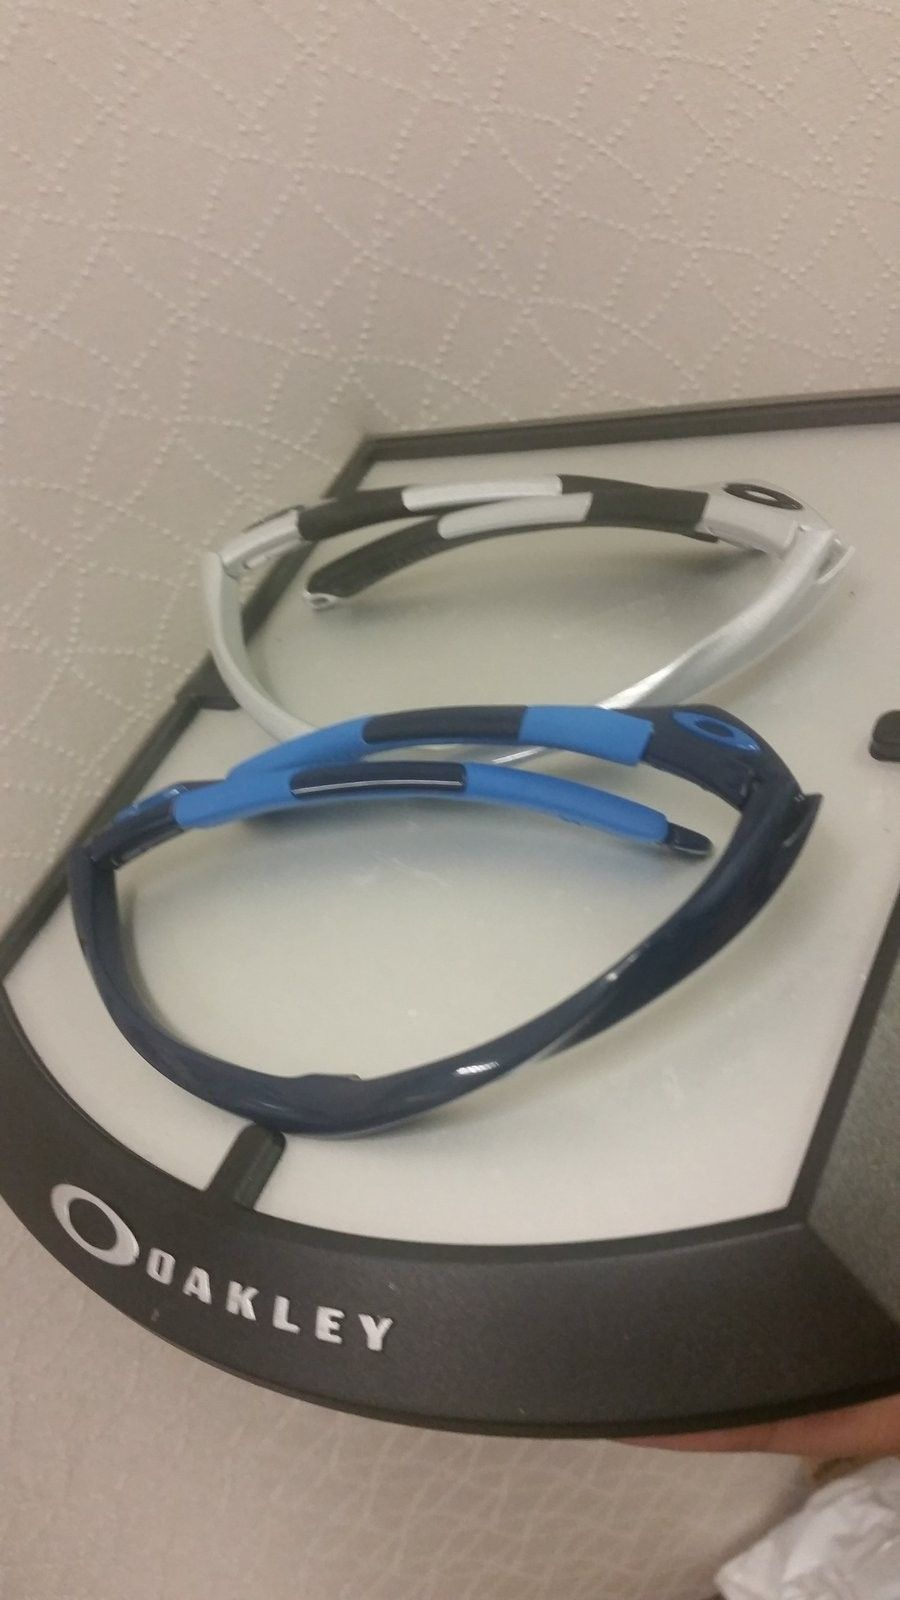 Brand new M2 frames for sale - uploadfromtaptalk1425924132480.jpg